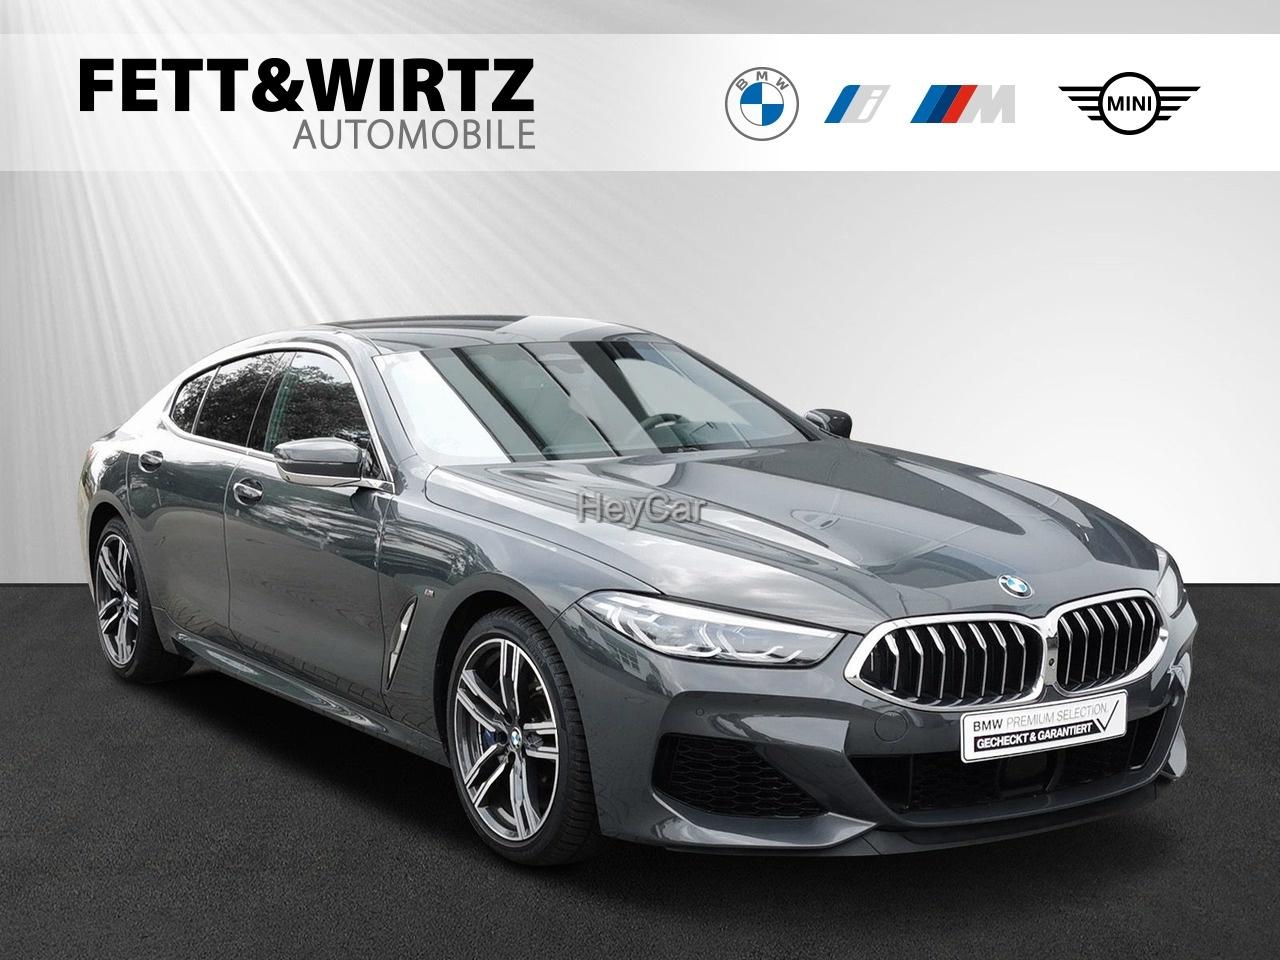 BMW M850i xDrive Gran Coupe LCProf. HK Sitzlüft. PA+, Jahr 2020, Benzin